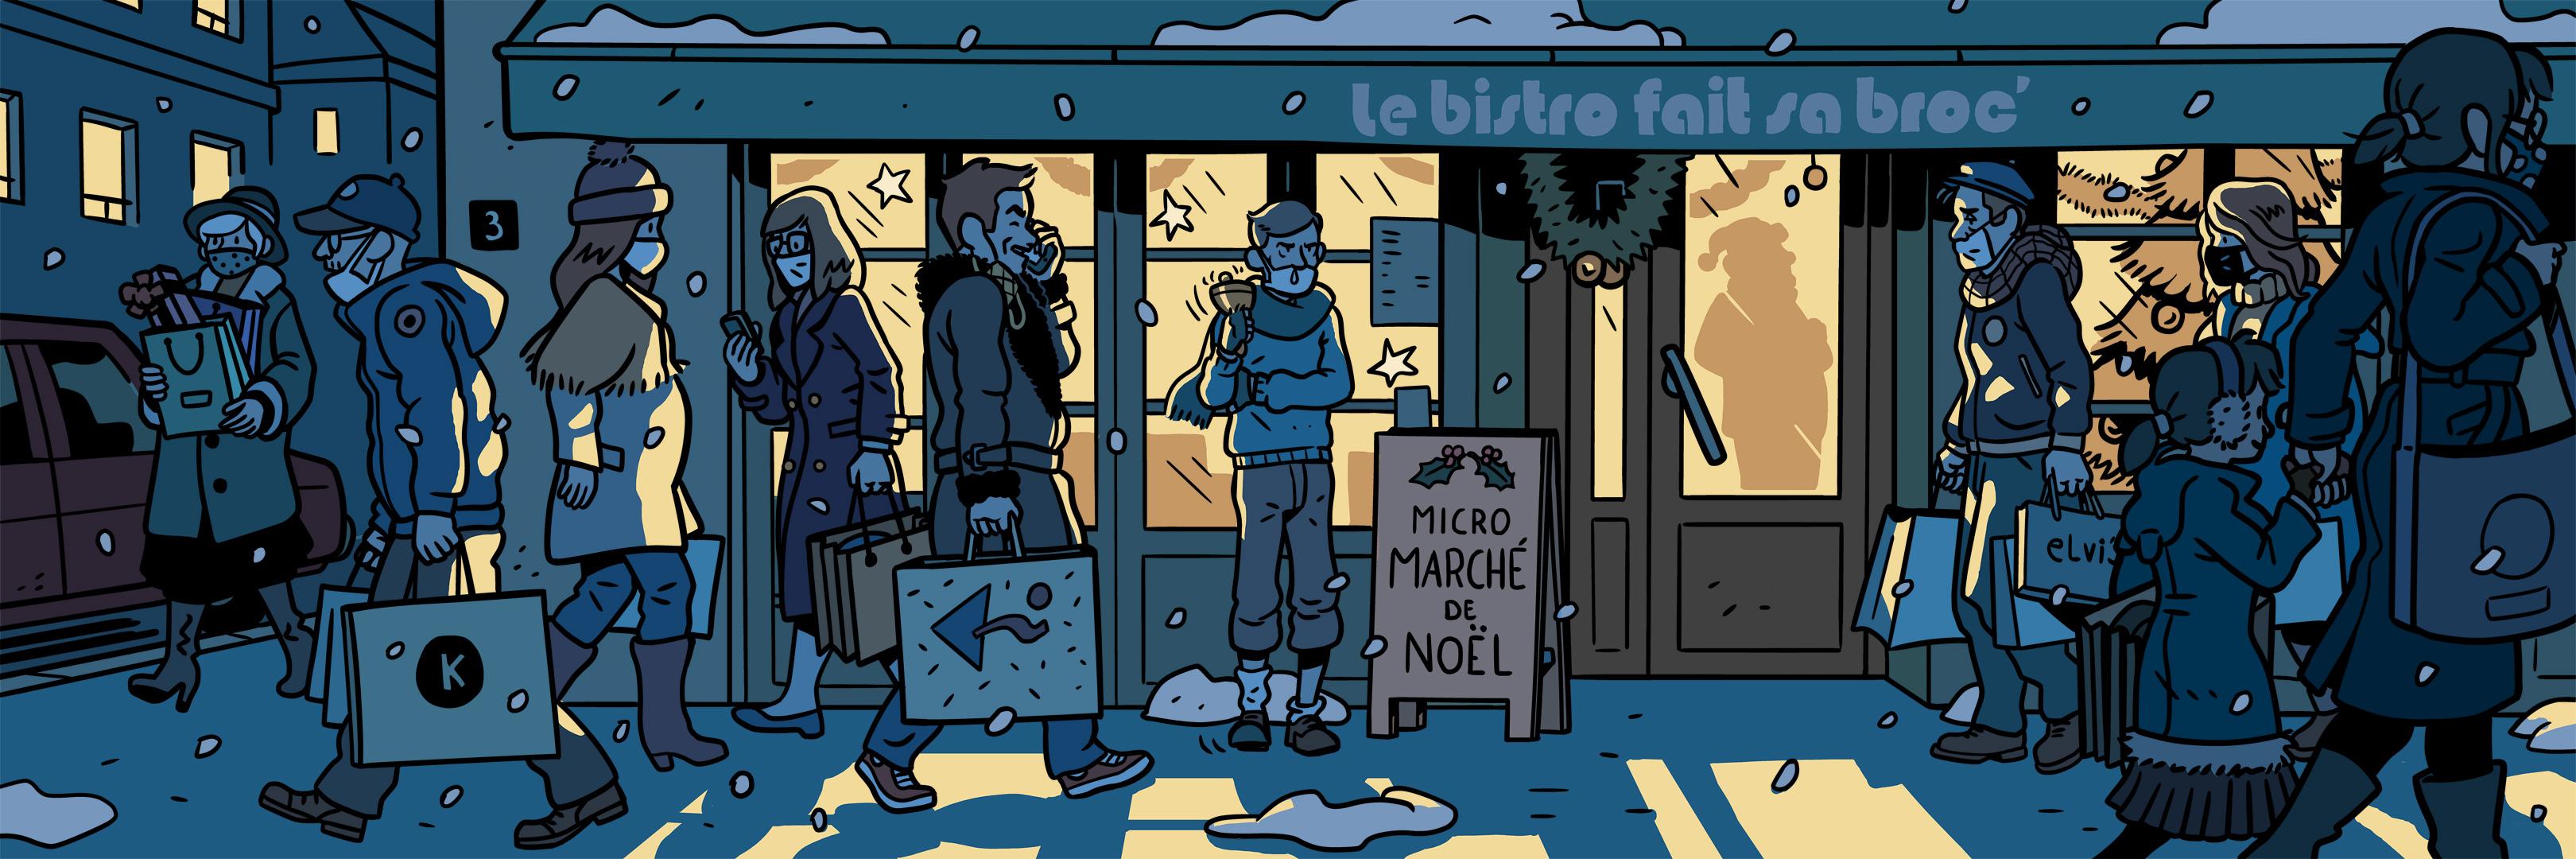 Micro marché de noël